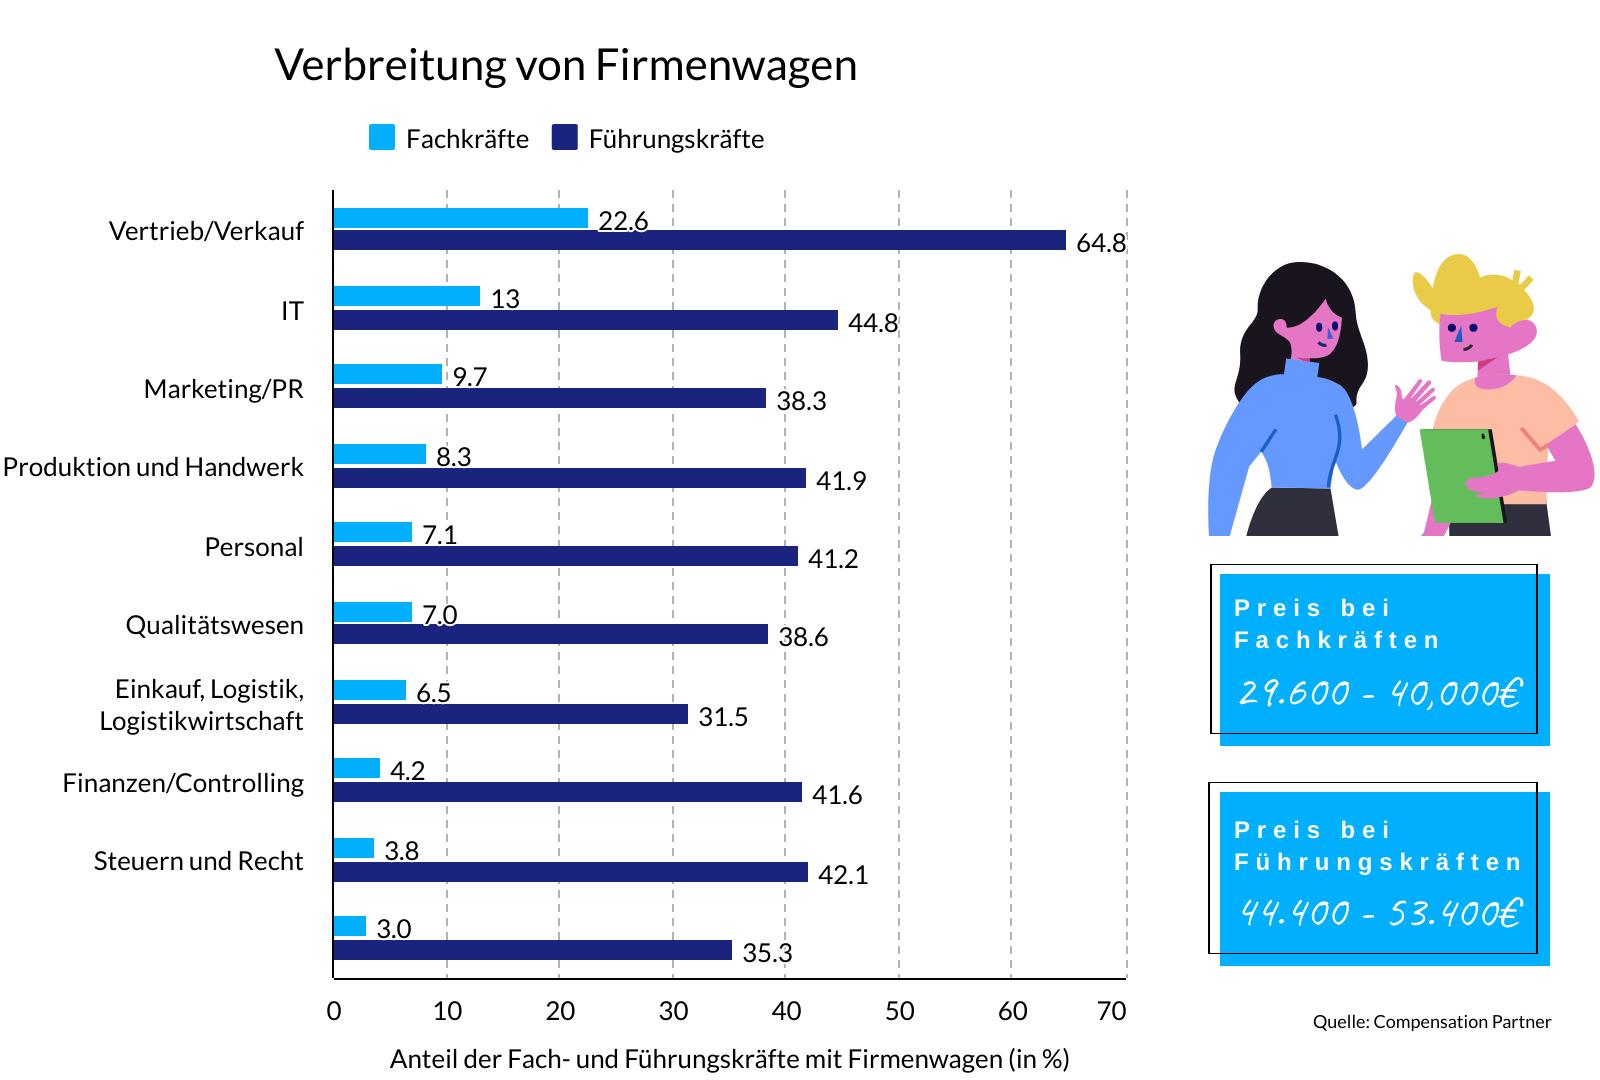 statistik, wie viele fachkräfte und führungskräfte in den jeweiligen bereichen einen firmenwagen besitzen.